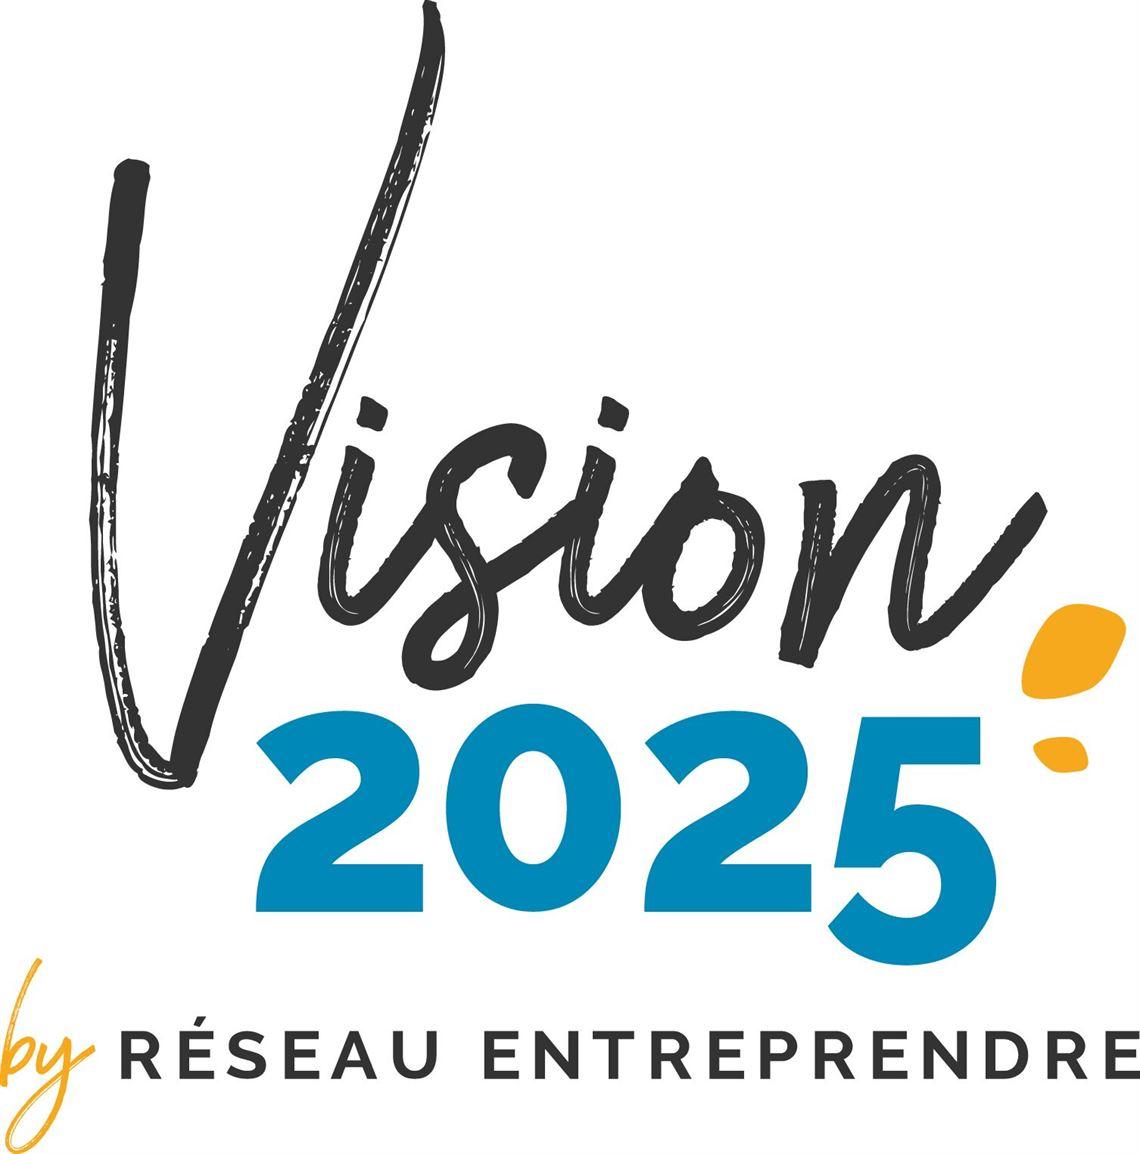 VISION 2025 by Réseau Entreprendre